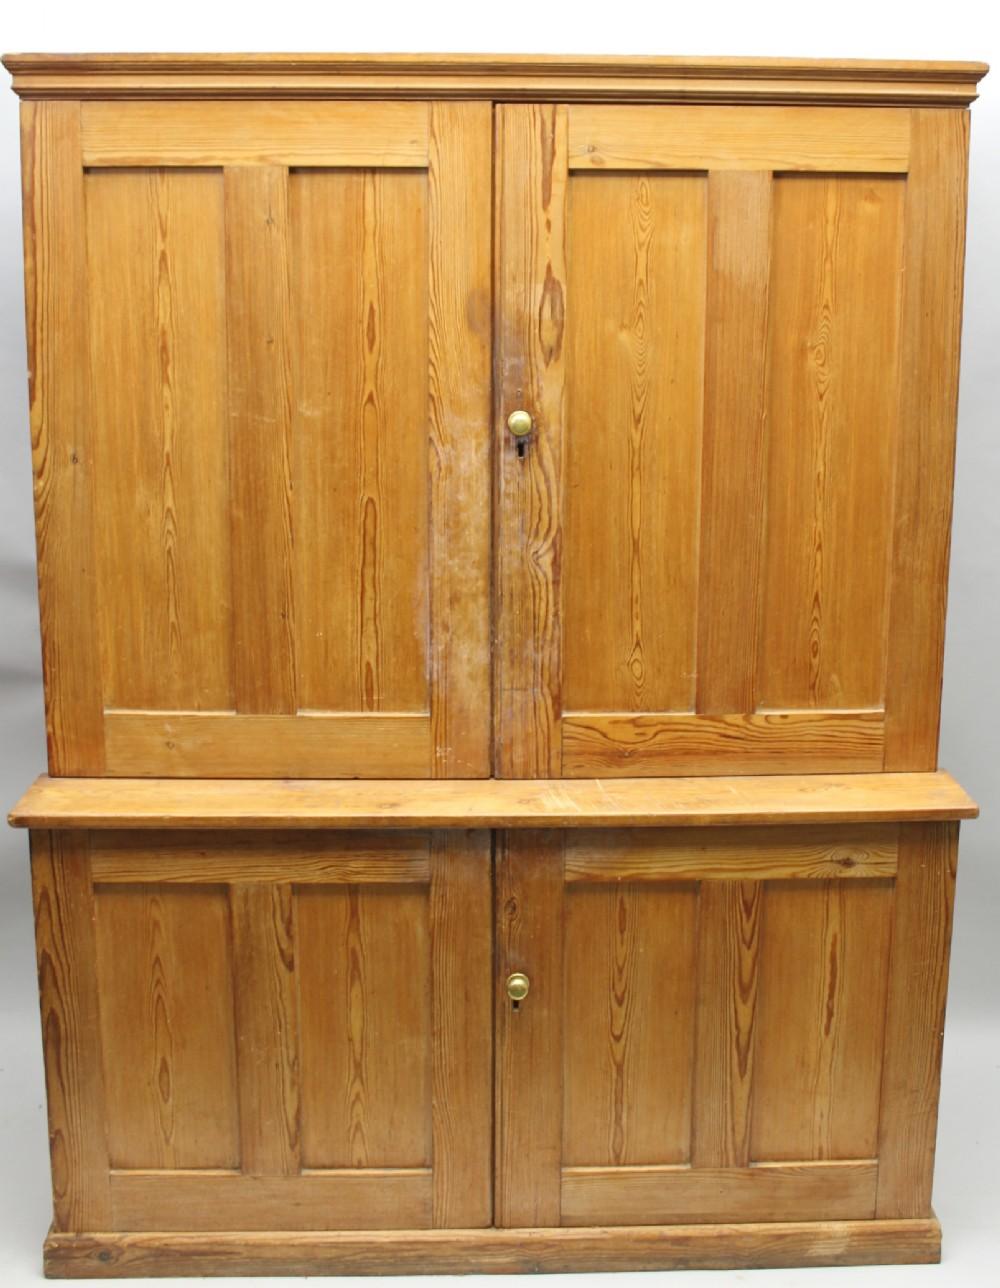 victorian pine kitchen housekeeper's cupboard